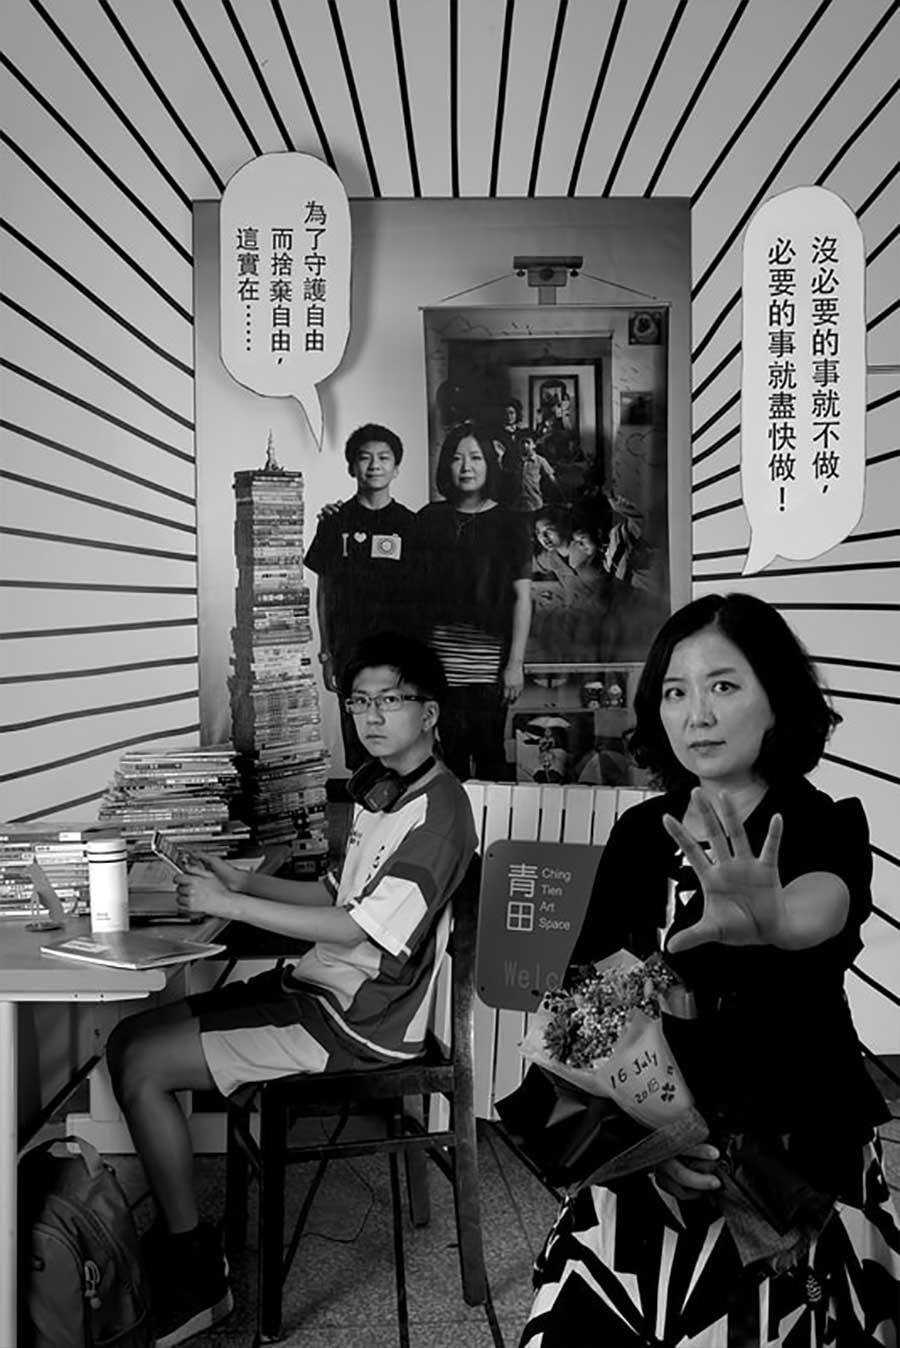 Mutter fügt 17 Jahre Bildebenen hinzu, die Sohn aufwachsen zeigen mutter-17-jahre-foto-in-foto_11